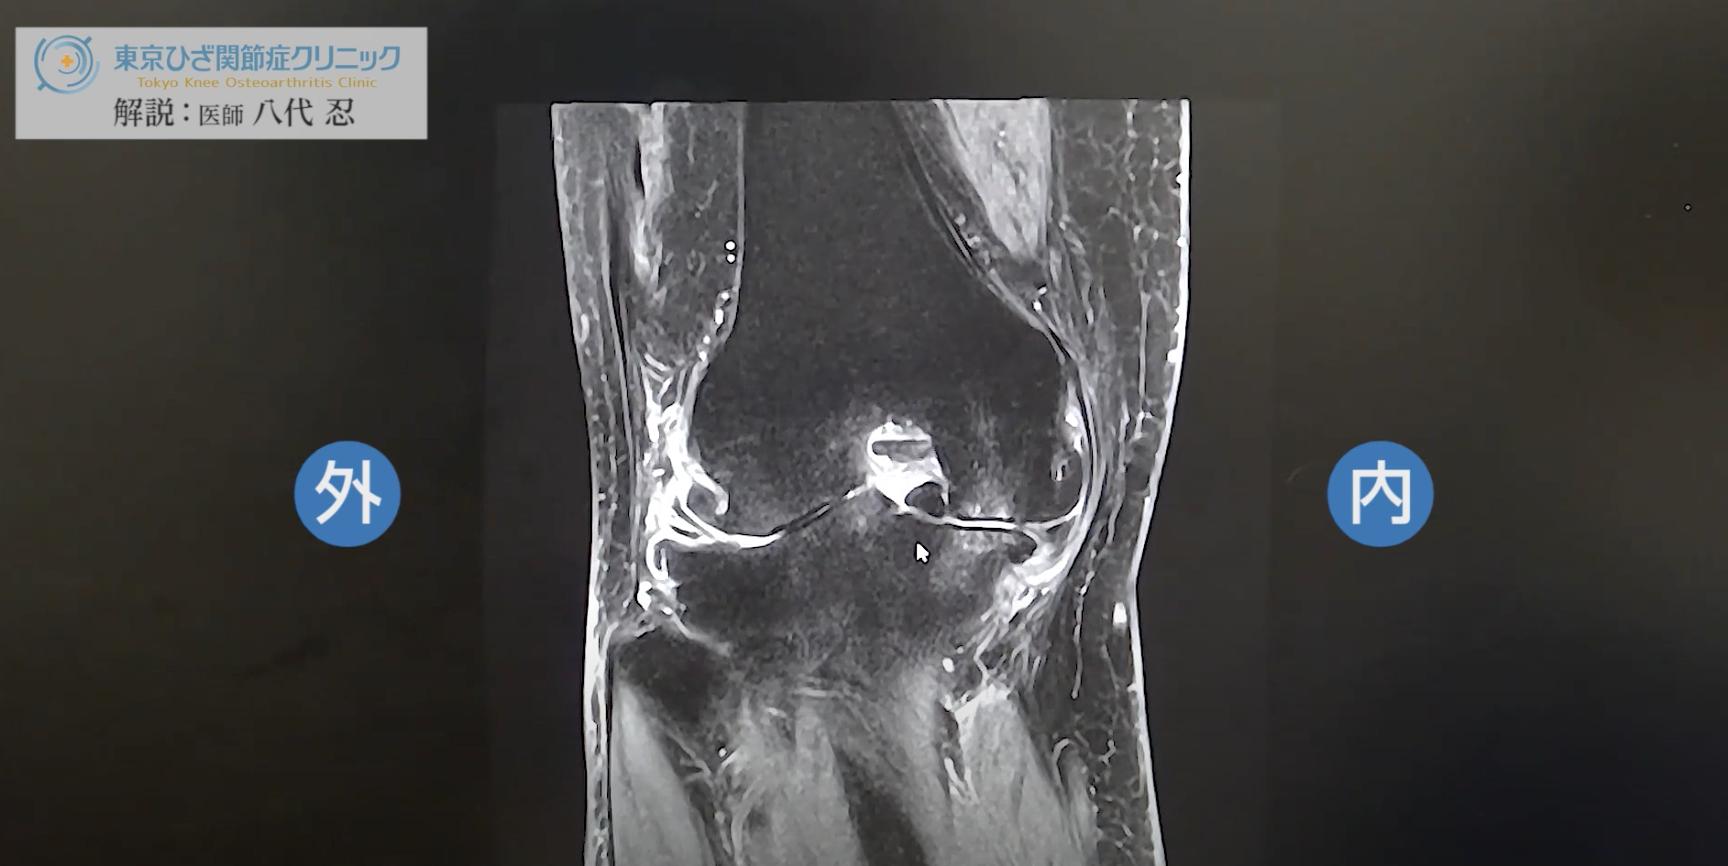 医師のMRI解説動画が好評です